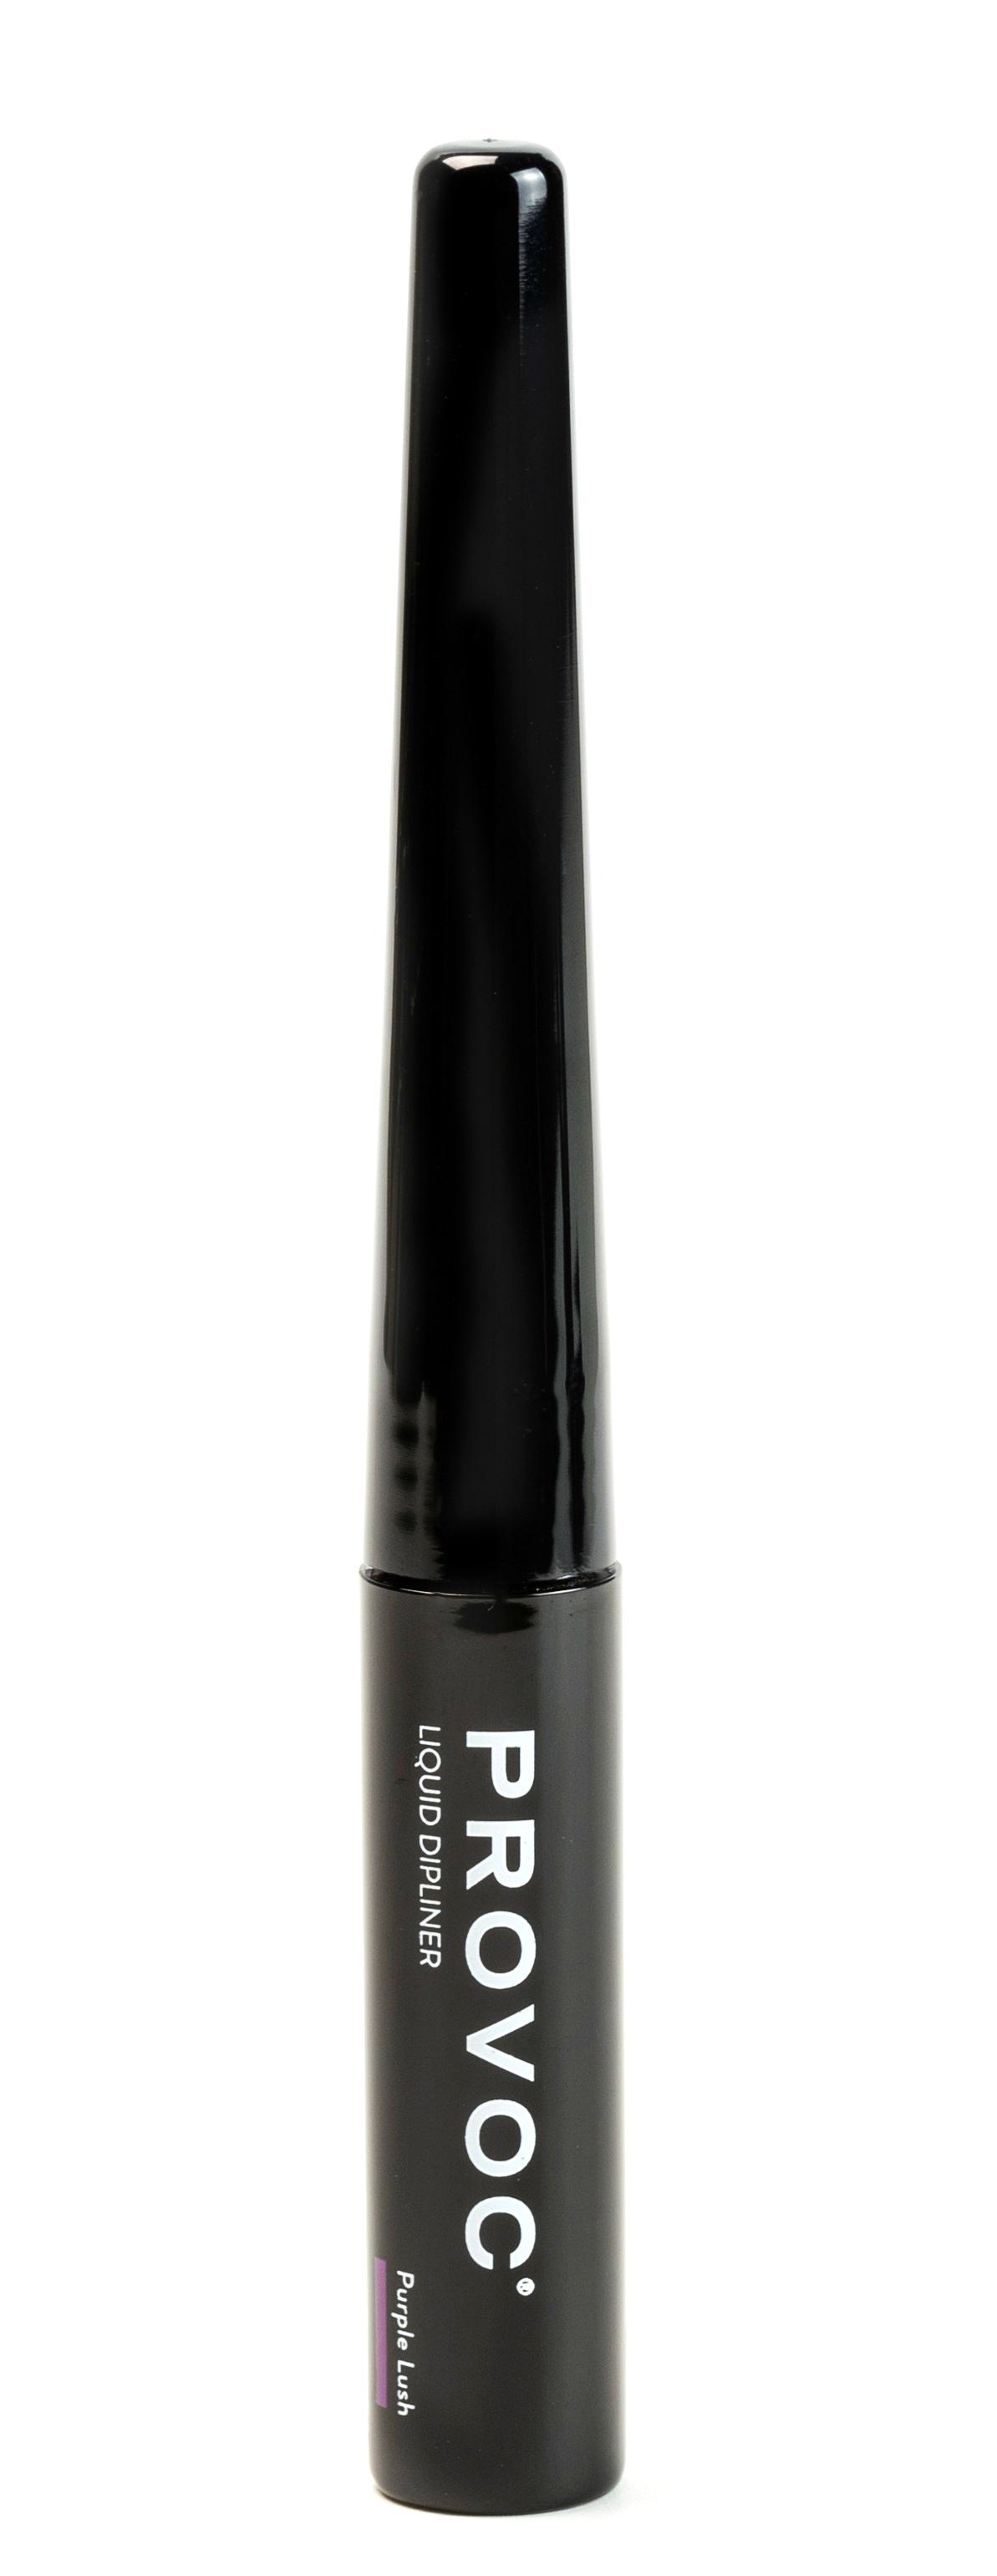 Купить PROVOC Подводка жидкая суперстойкая для глаз, фиолетовый / Liquid Dipliner Purple Lush 3, 3 мл